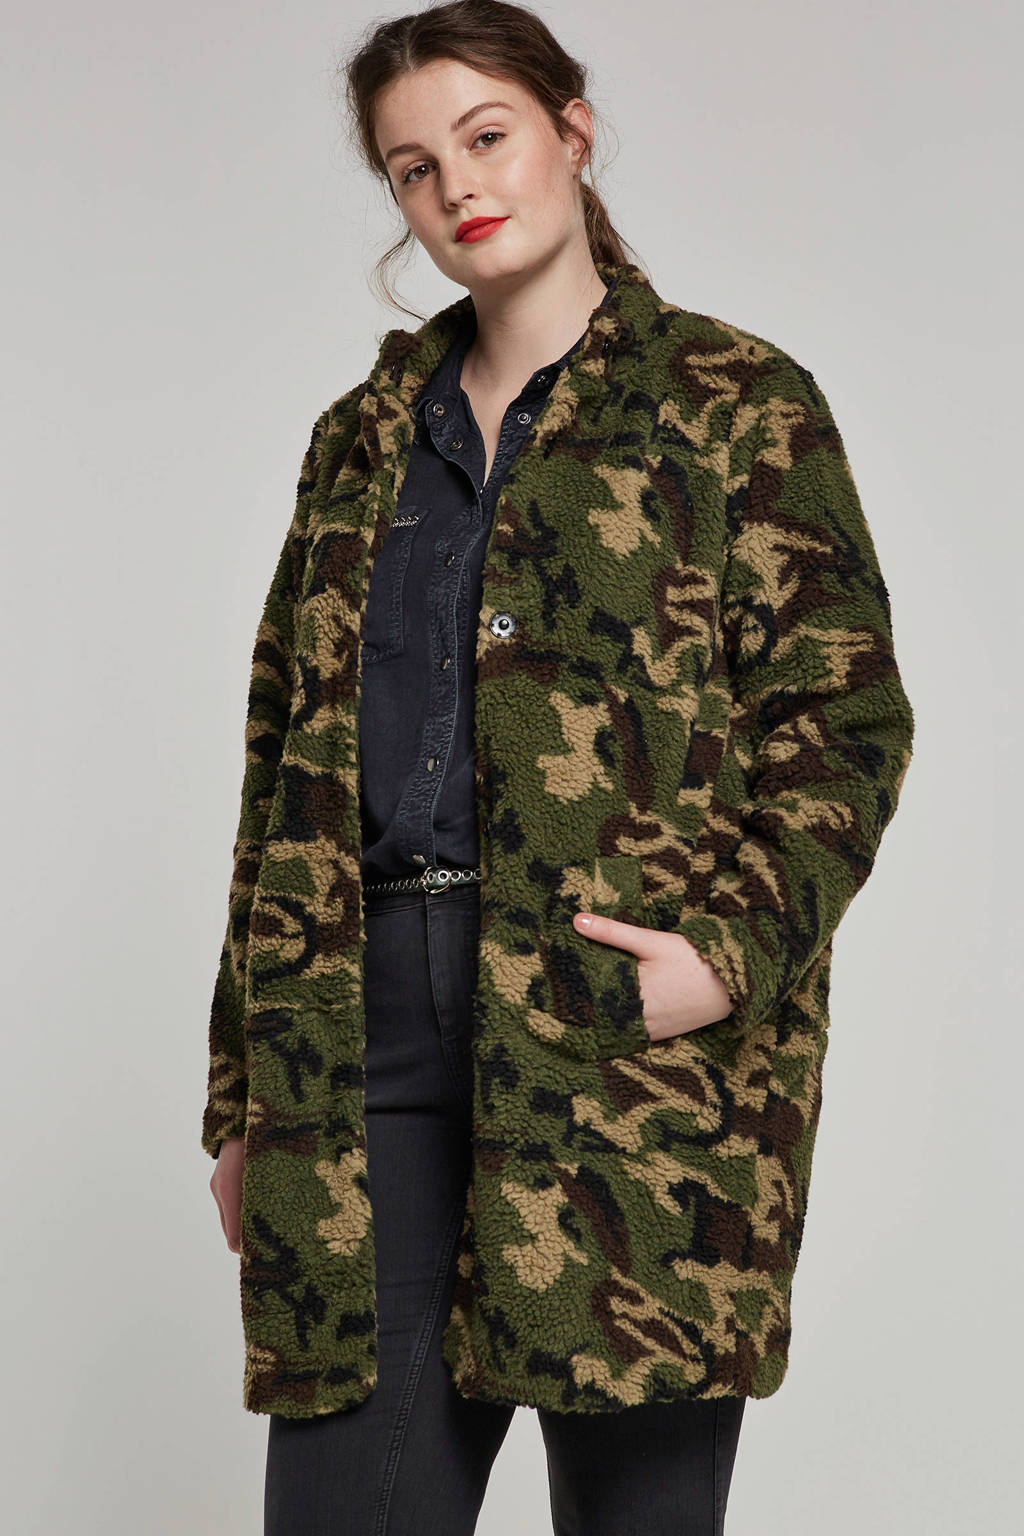 Jas Met Teddy.Zizzi Teddy Jas Met Camouflage Print Wehkamp